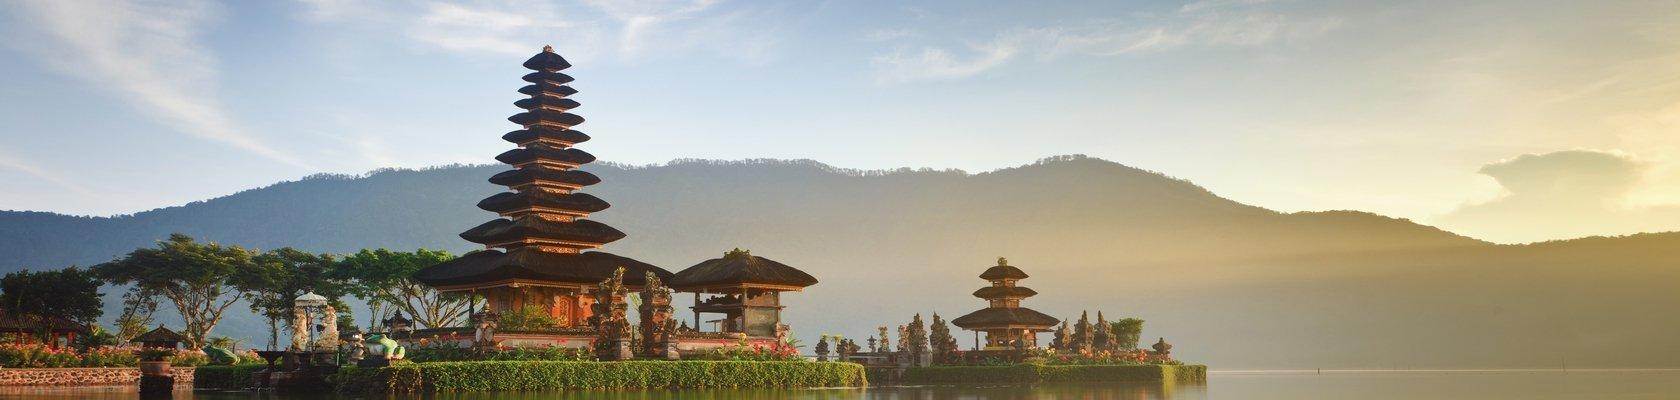 Tempelcomplexen van Bali